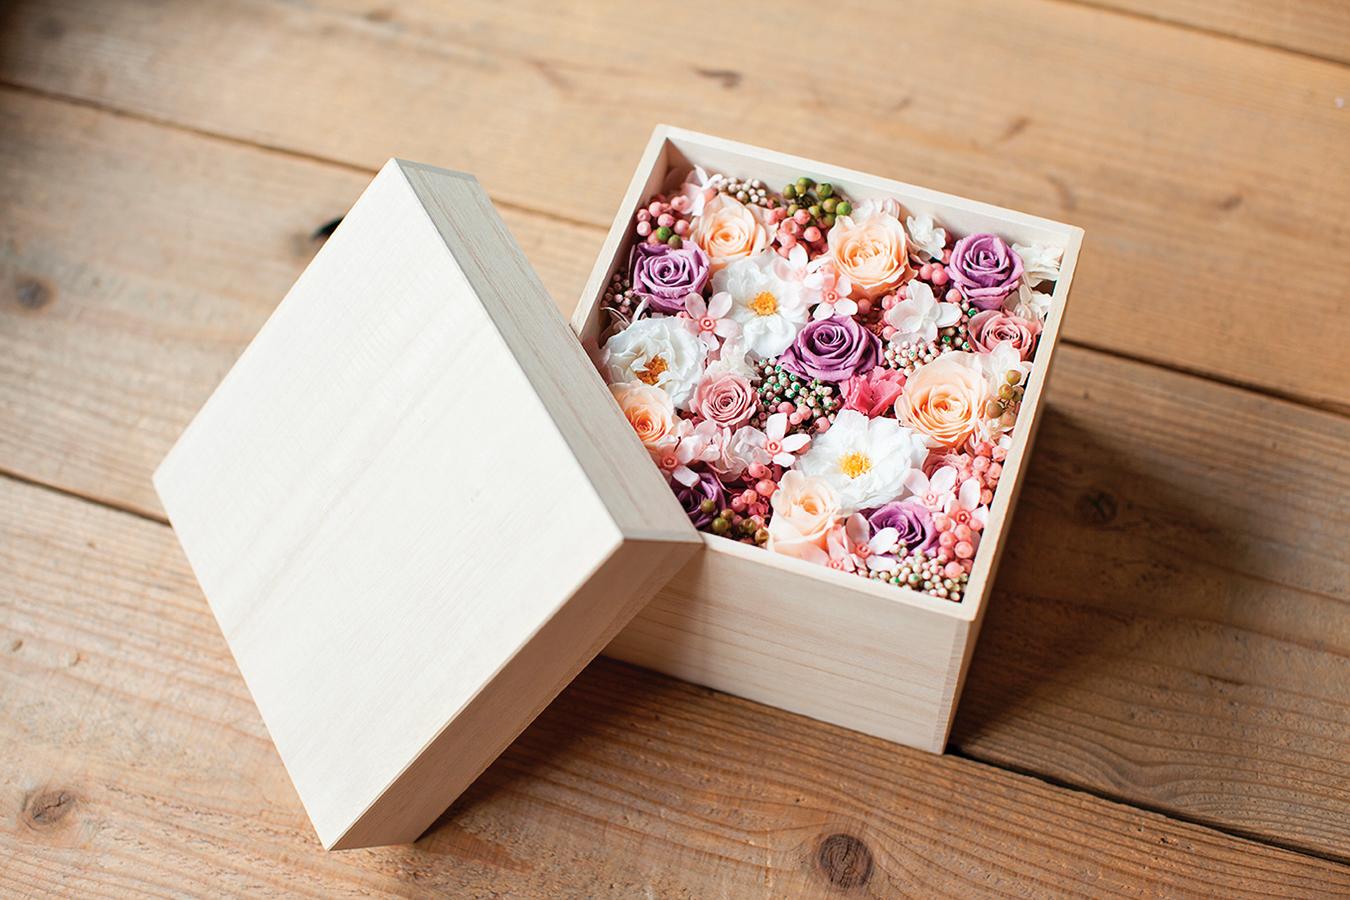 裝了乾燥花的盒子蓋上蓋子,香味會更持久。(Shutterstock)